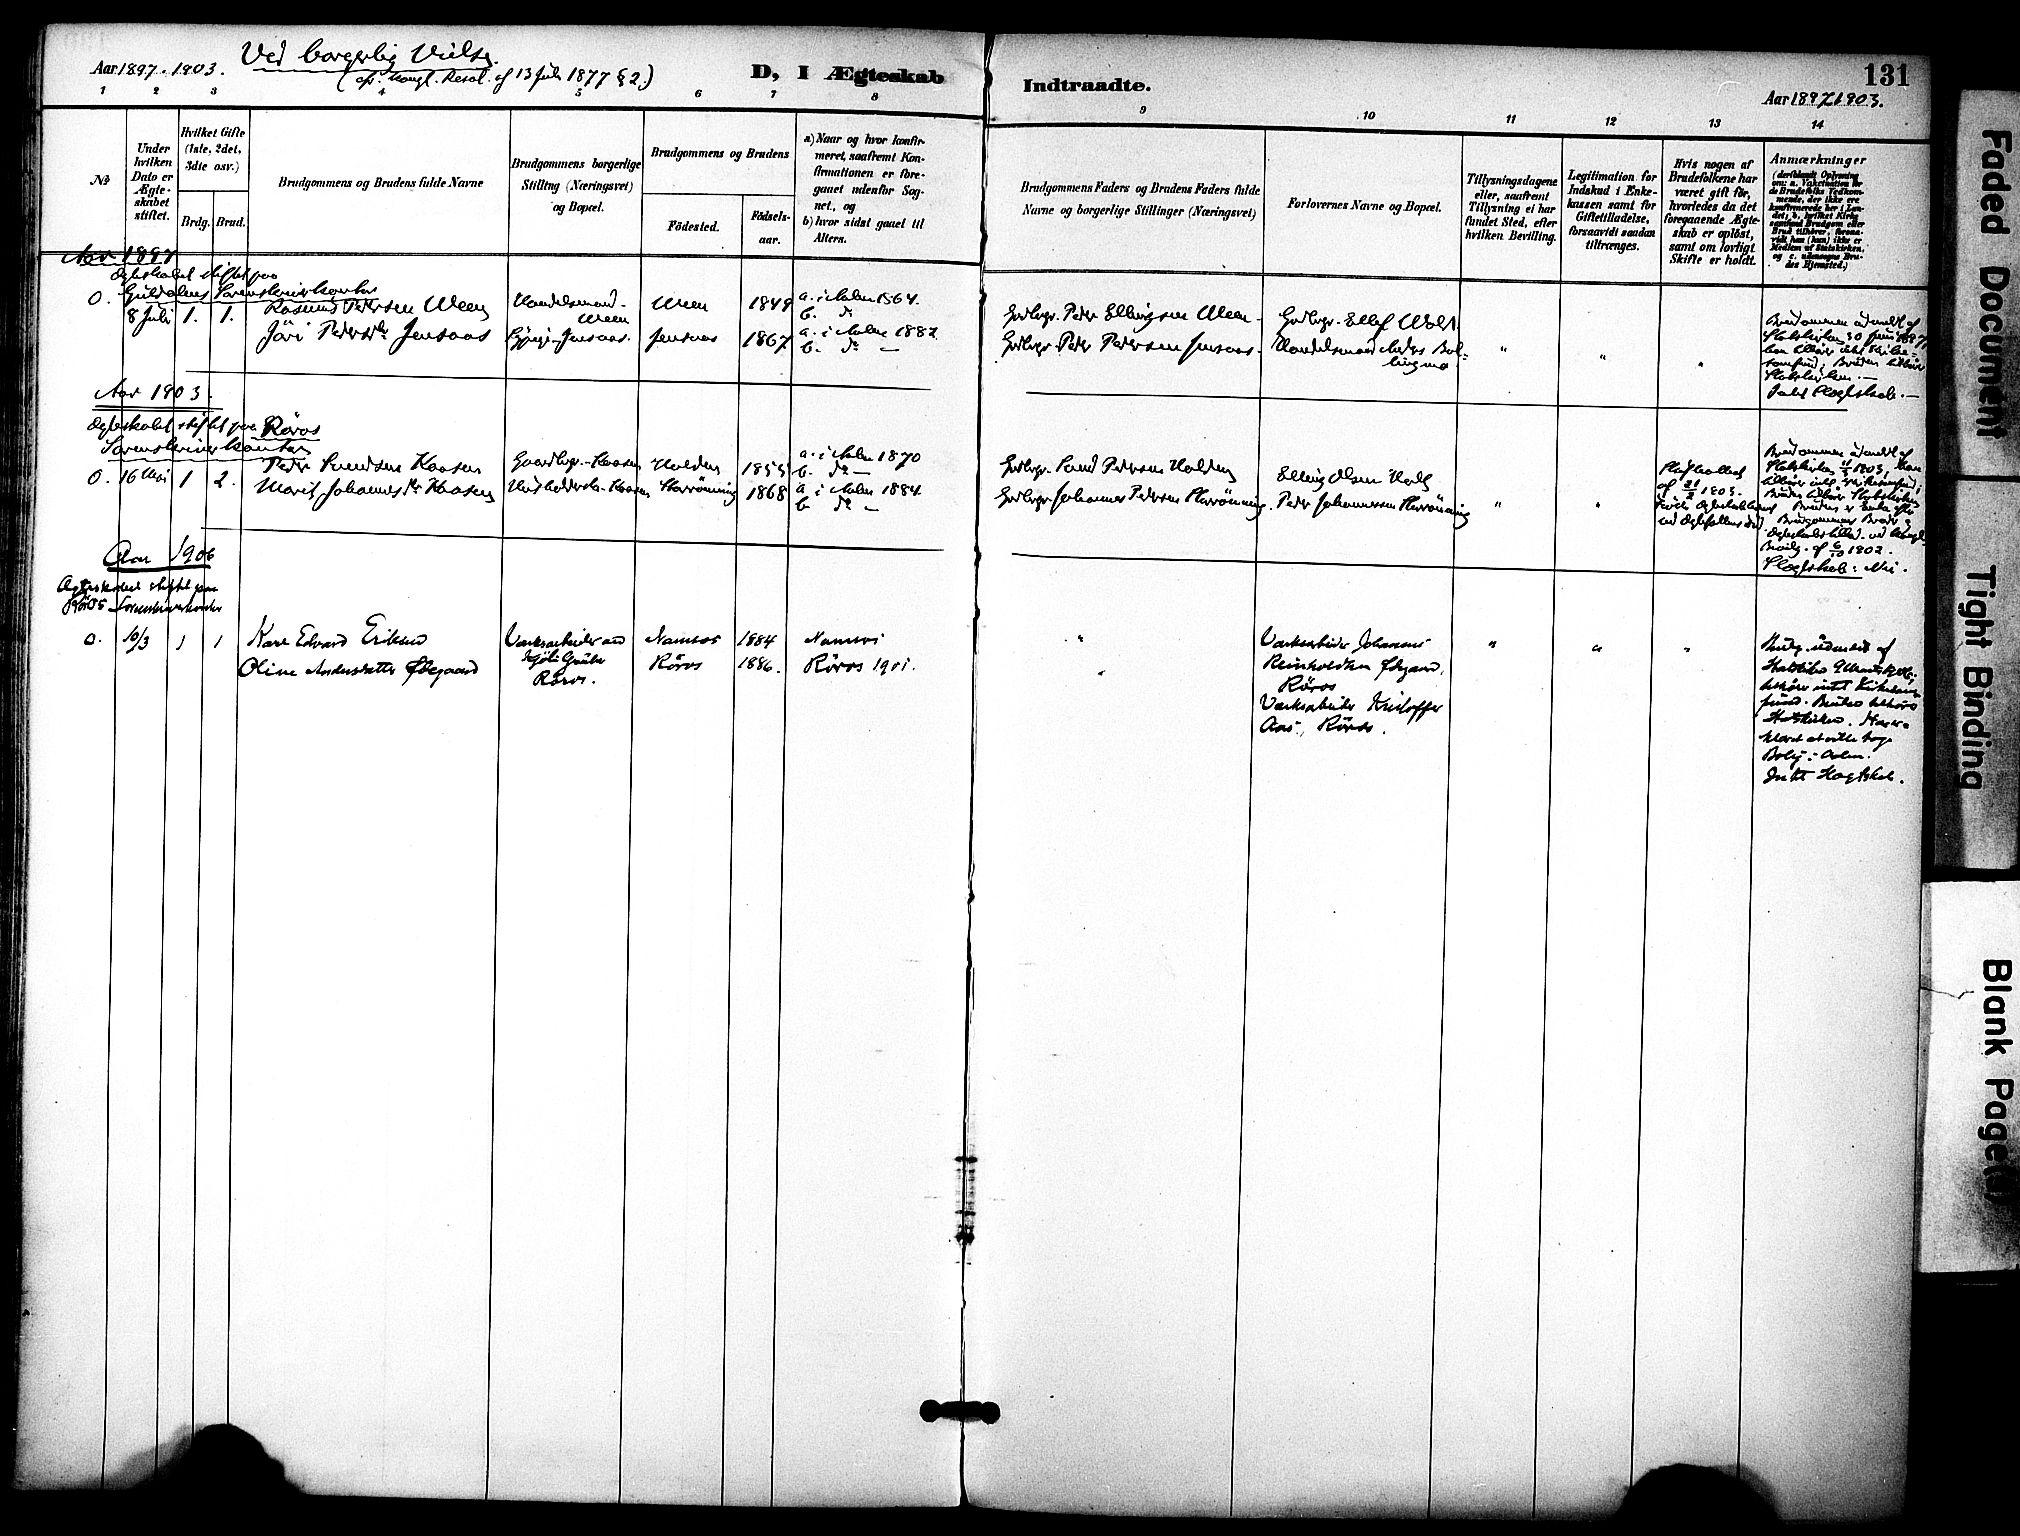 SAT, Ministerialprotokoller, klokkerbøker og fødselsregistre - Sør-Trøndelag, 686/L0984: Ministerialbok nr. 686A02, 1891-1906, s. 131